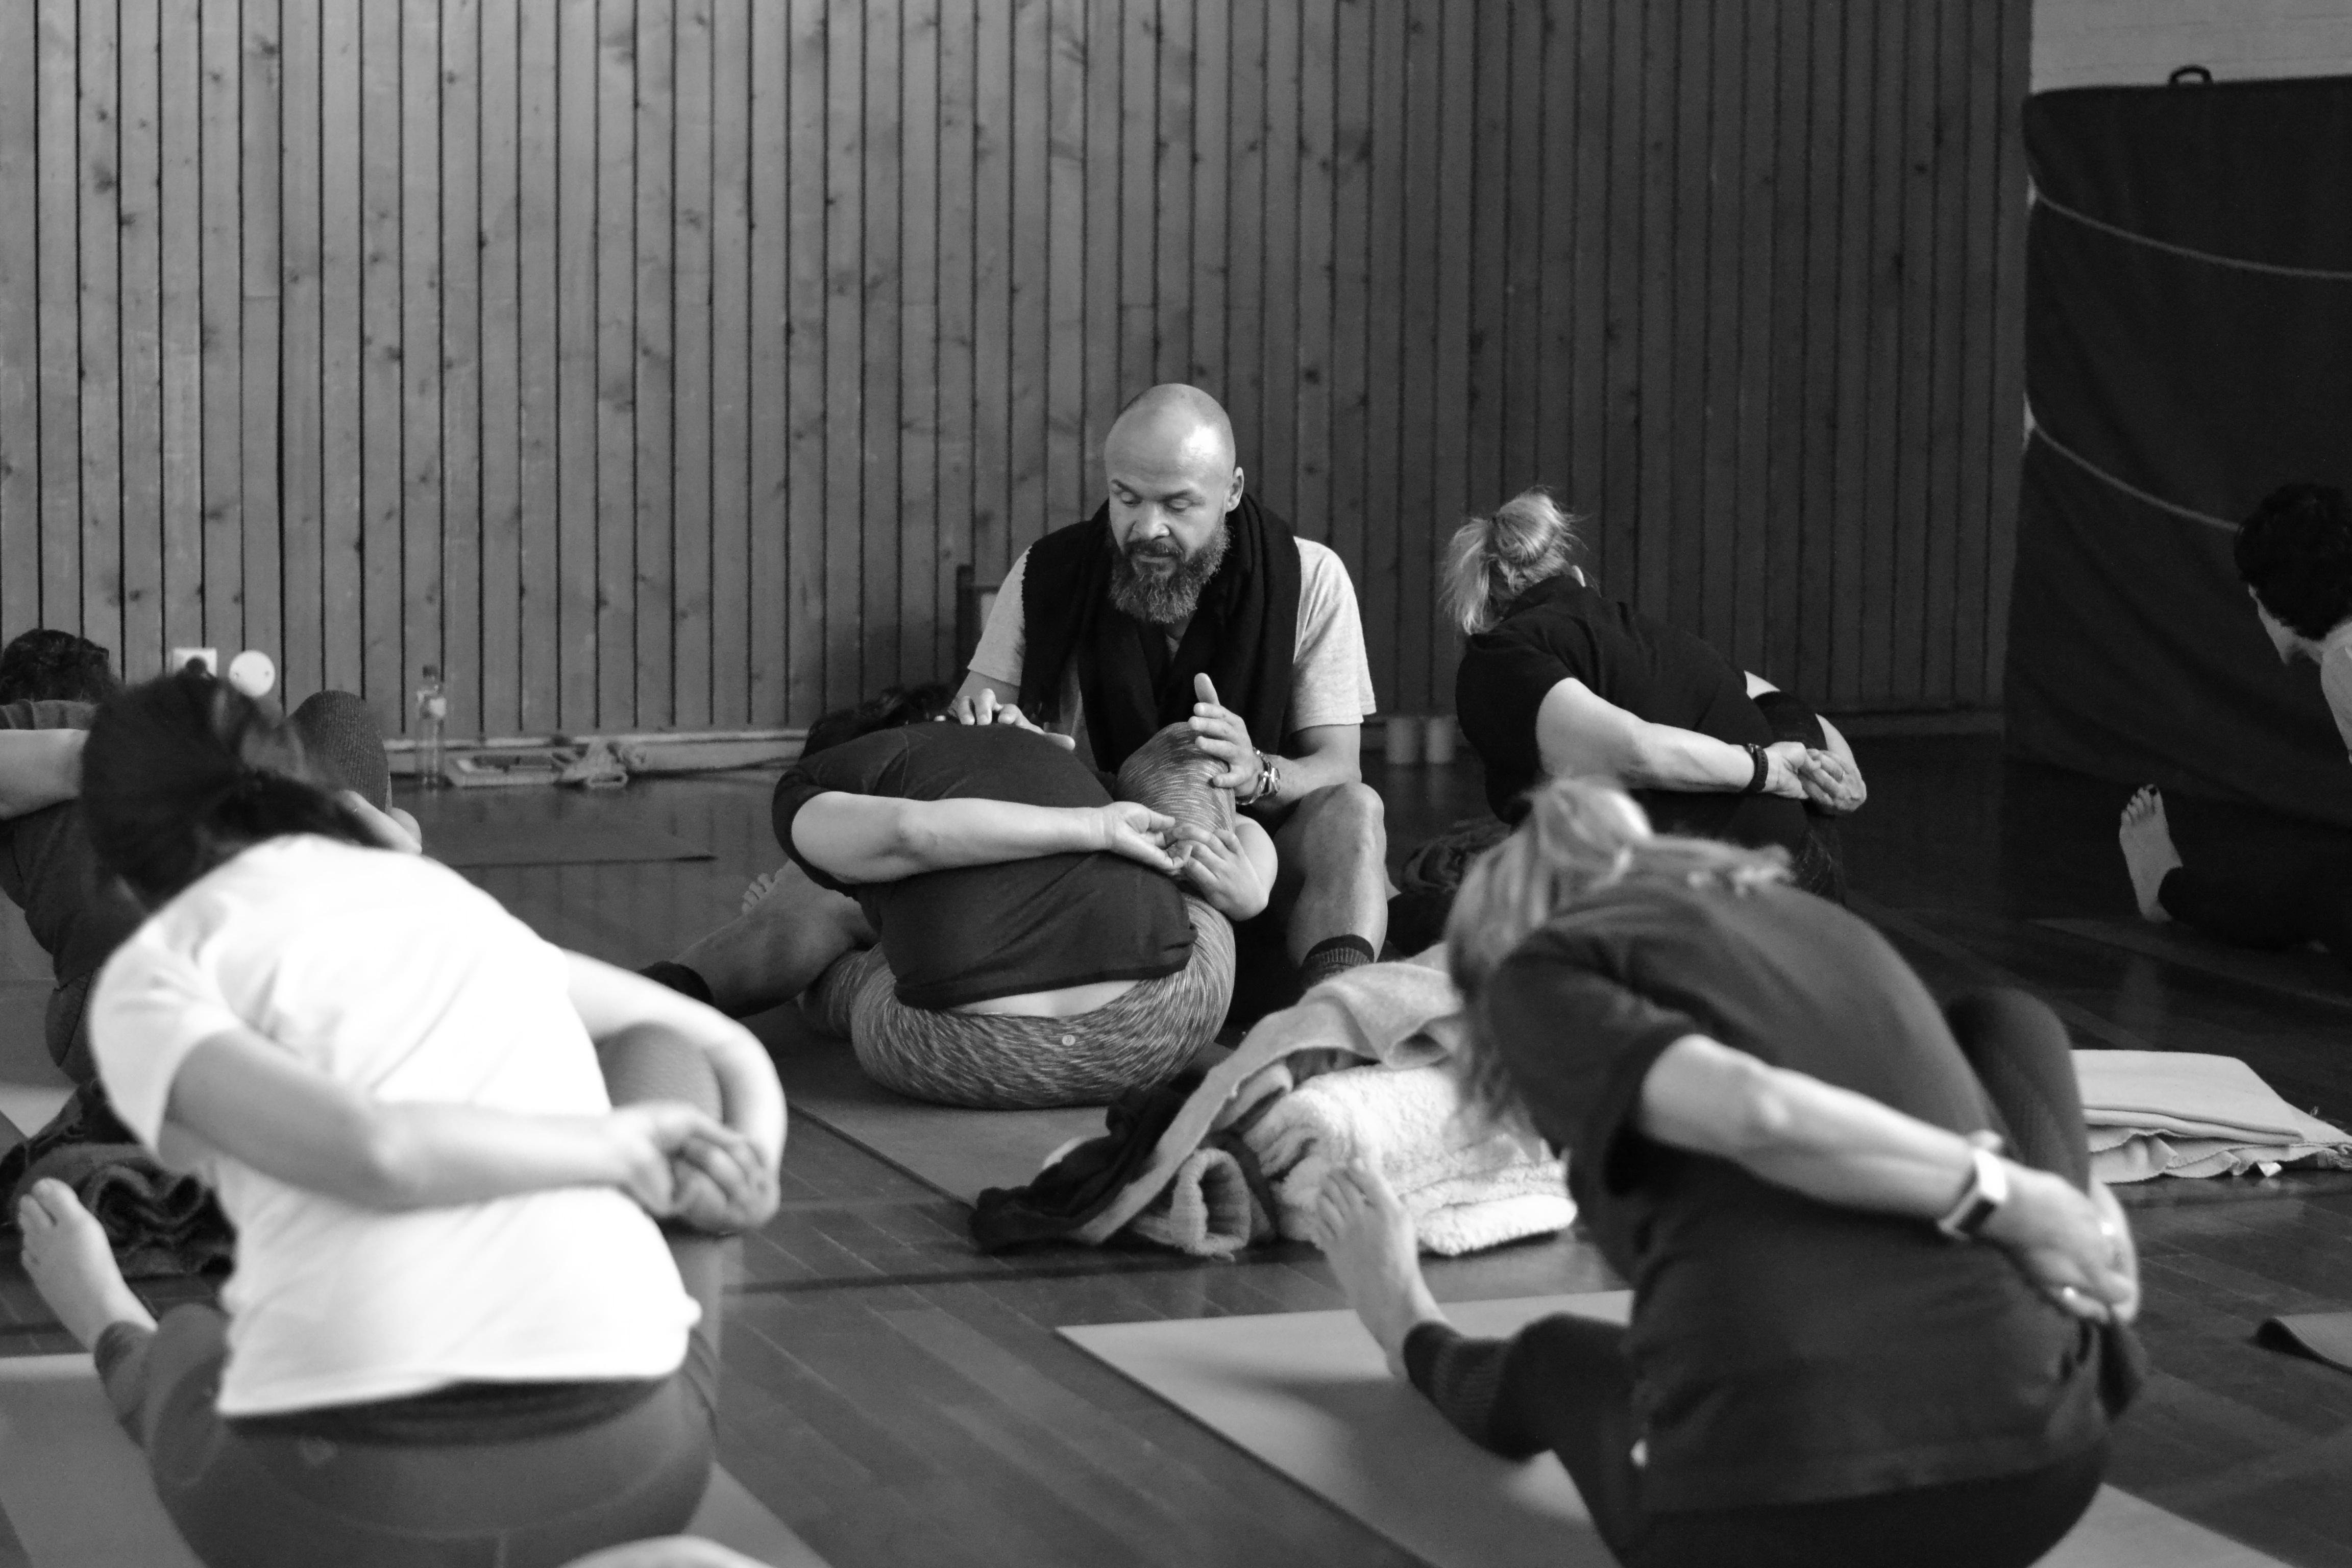 yogahelg i rosendal, yogaevent, yogahelg, kunal sharda, signe rosendal, yoga rosendal, yoga i rosendal, run and relax, omvikdalen, signe schineller, philip skogen